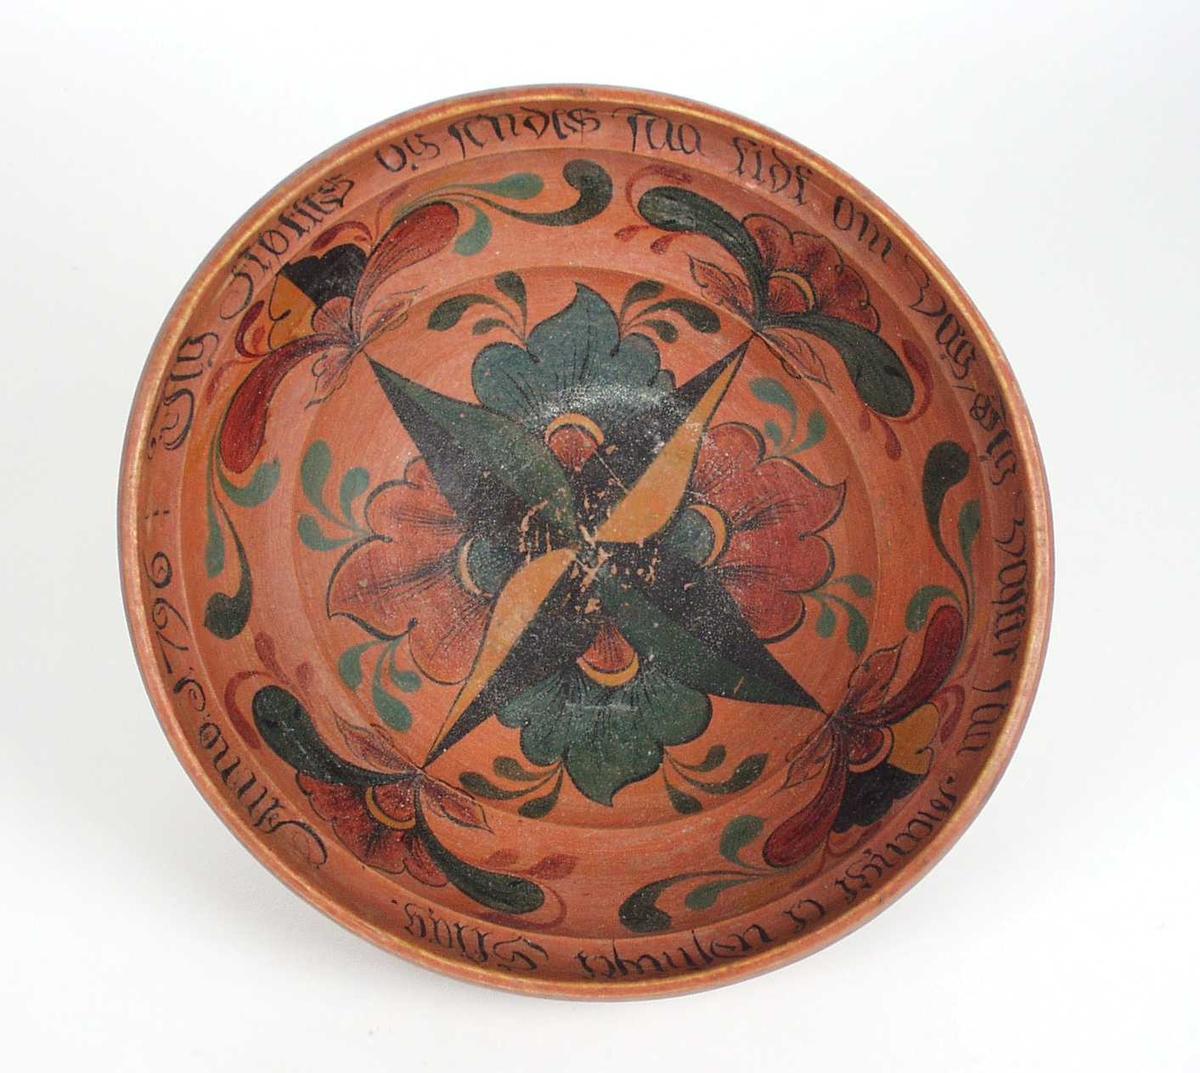 Bollen er dreiet med svakt buet ytterside og tre hulkiler inni. Bollen er malt mønjerød, og med blomstermotiv malt i rosemaling inni bollen.